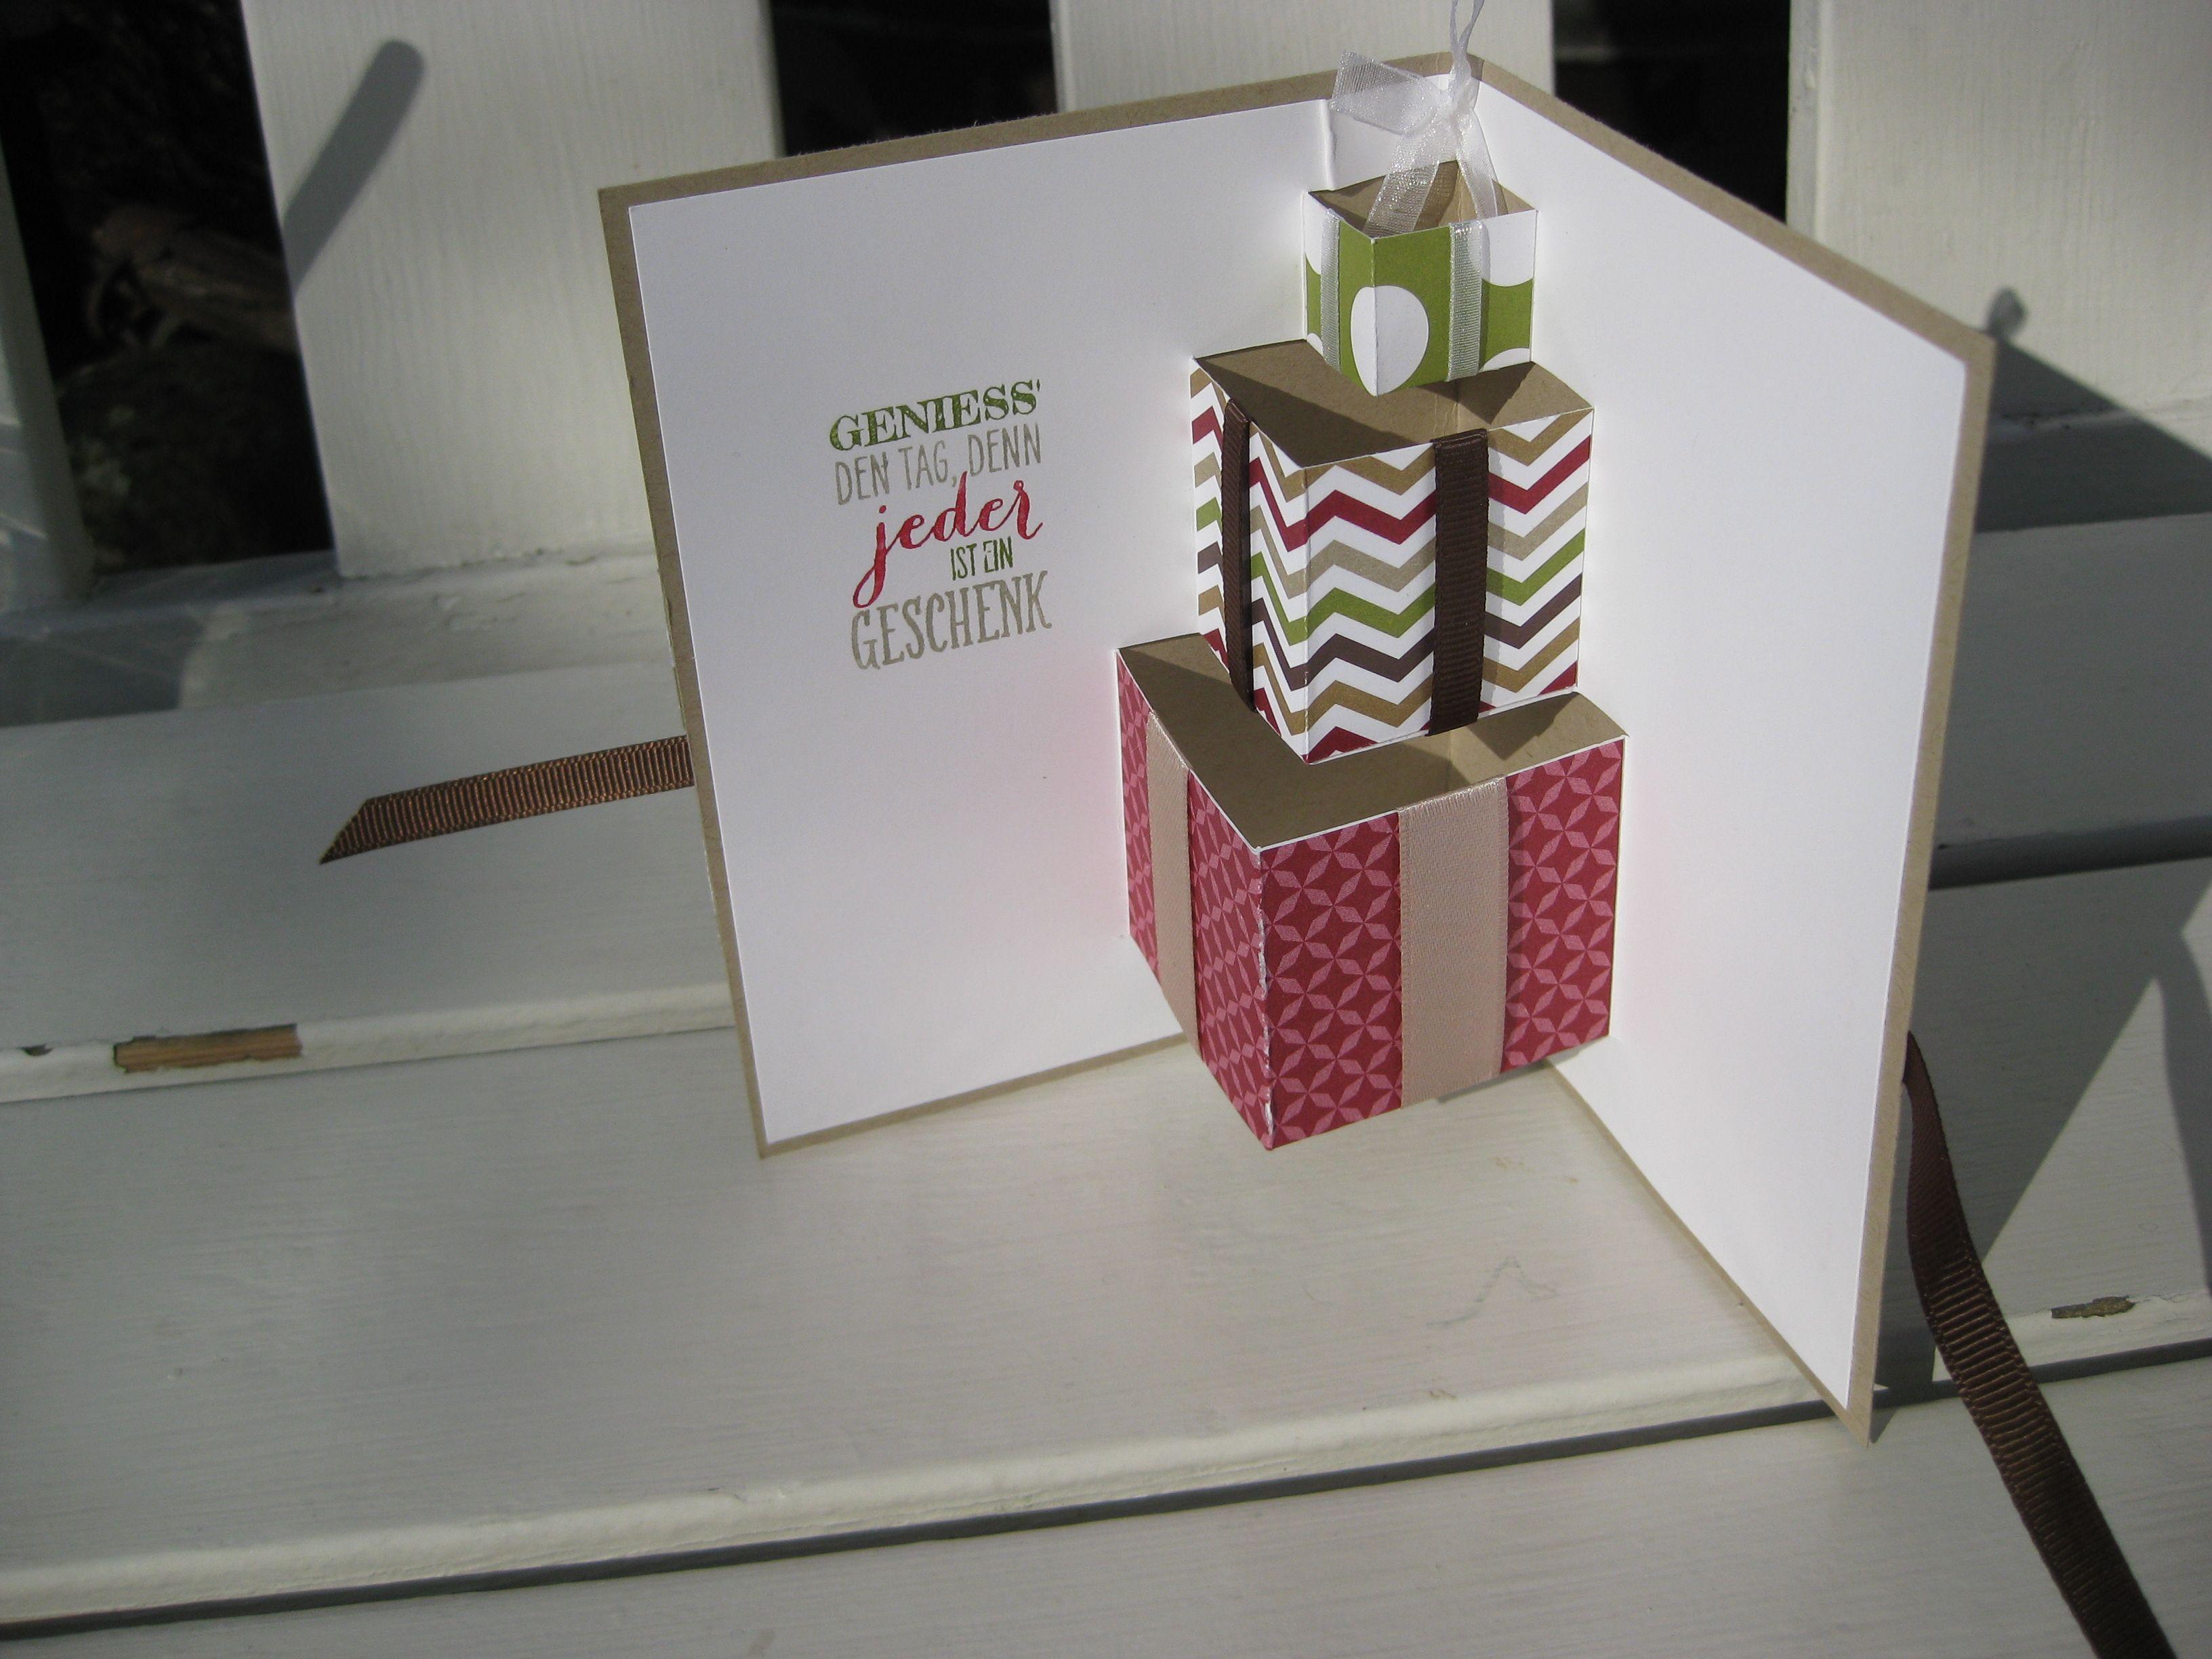 happy birthday hb geburtstagskarte f r m nner stampin up kreativ hoch 3 geburtstagskarten. Black Bedroom Furniture Sets. Home Design Ideas